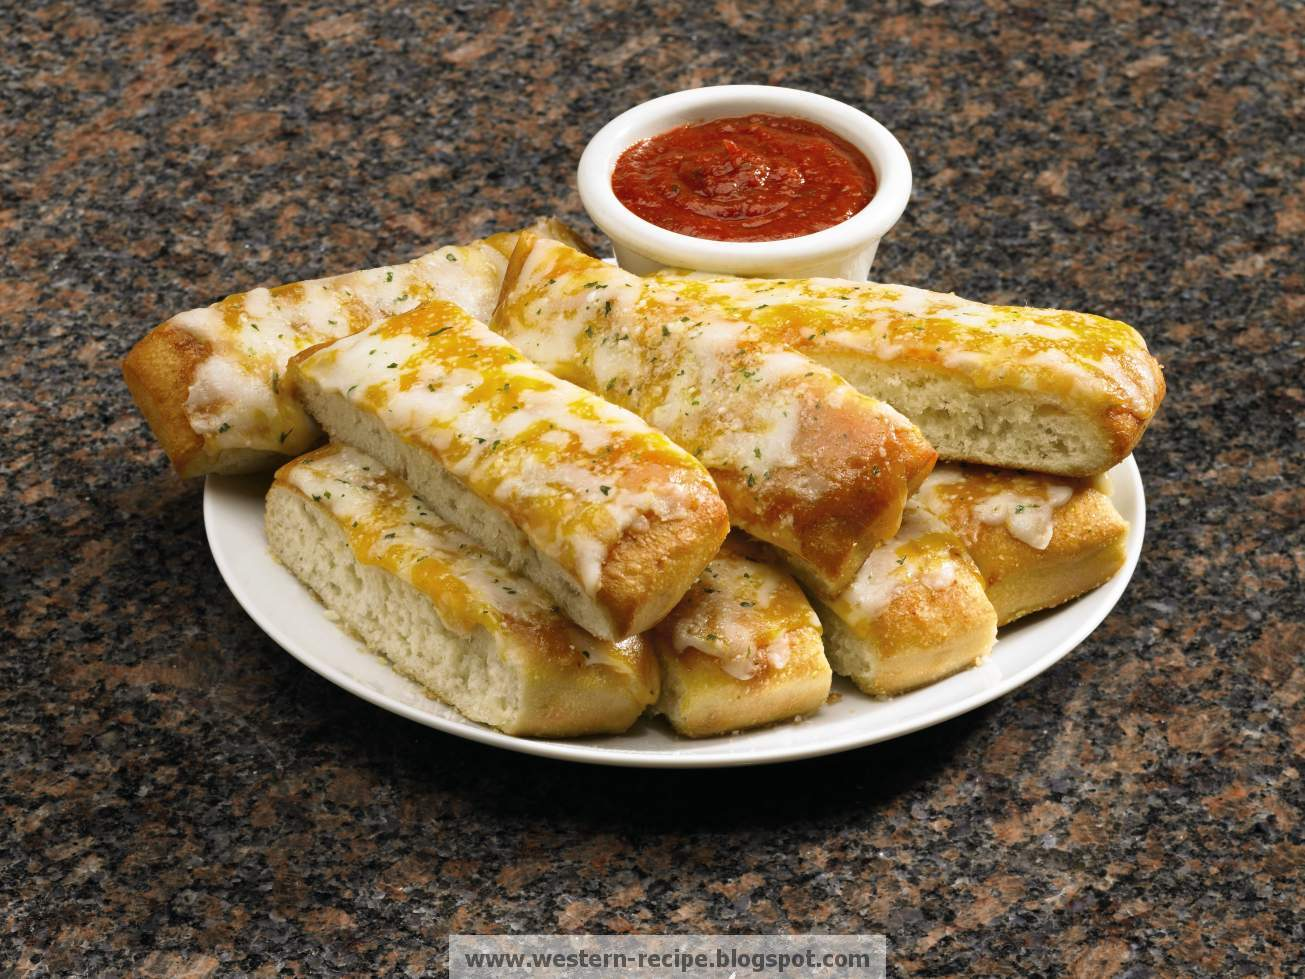 Western Food Recipe: Cheesy Bread